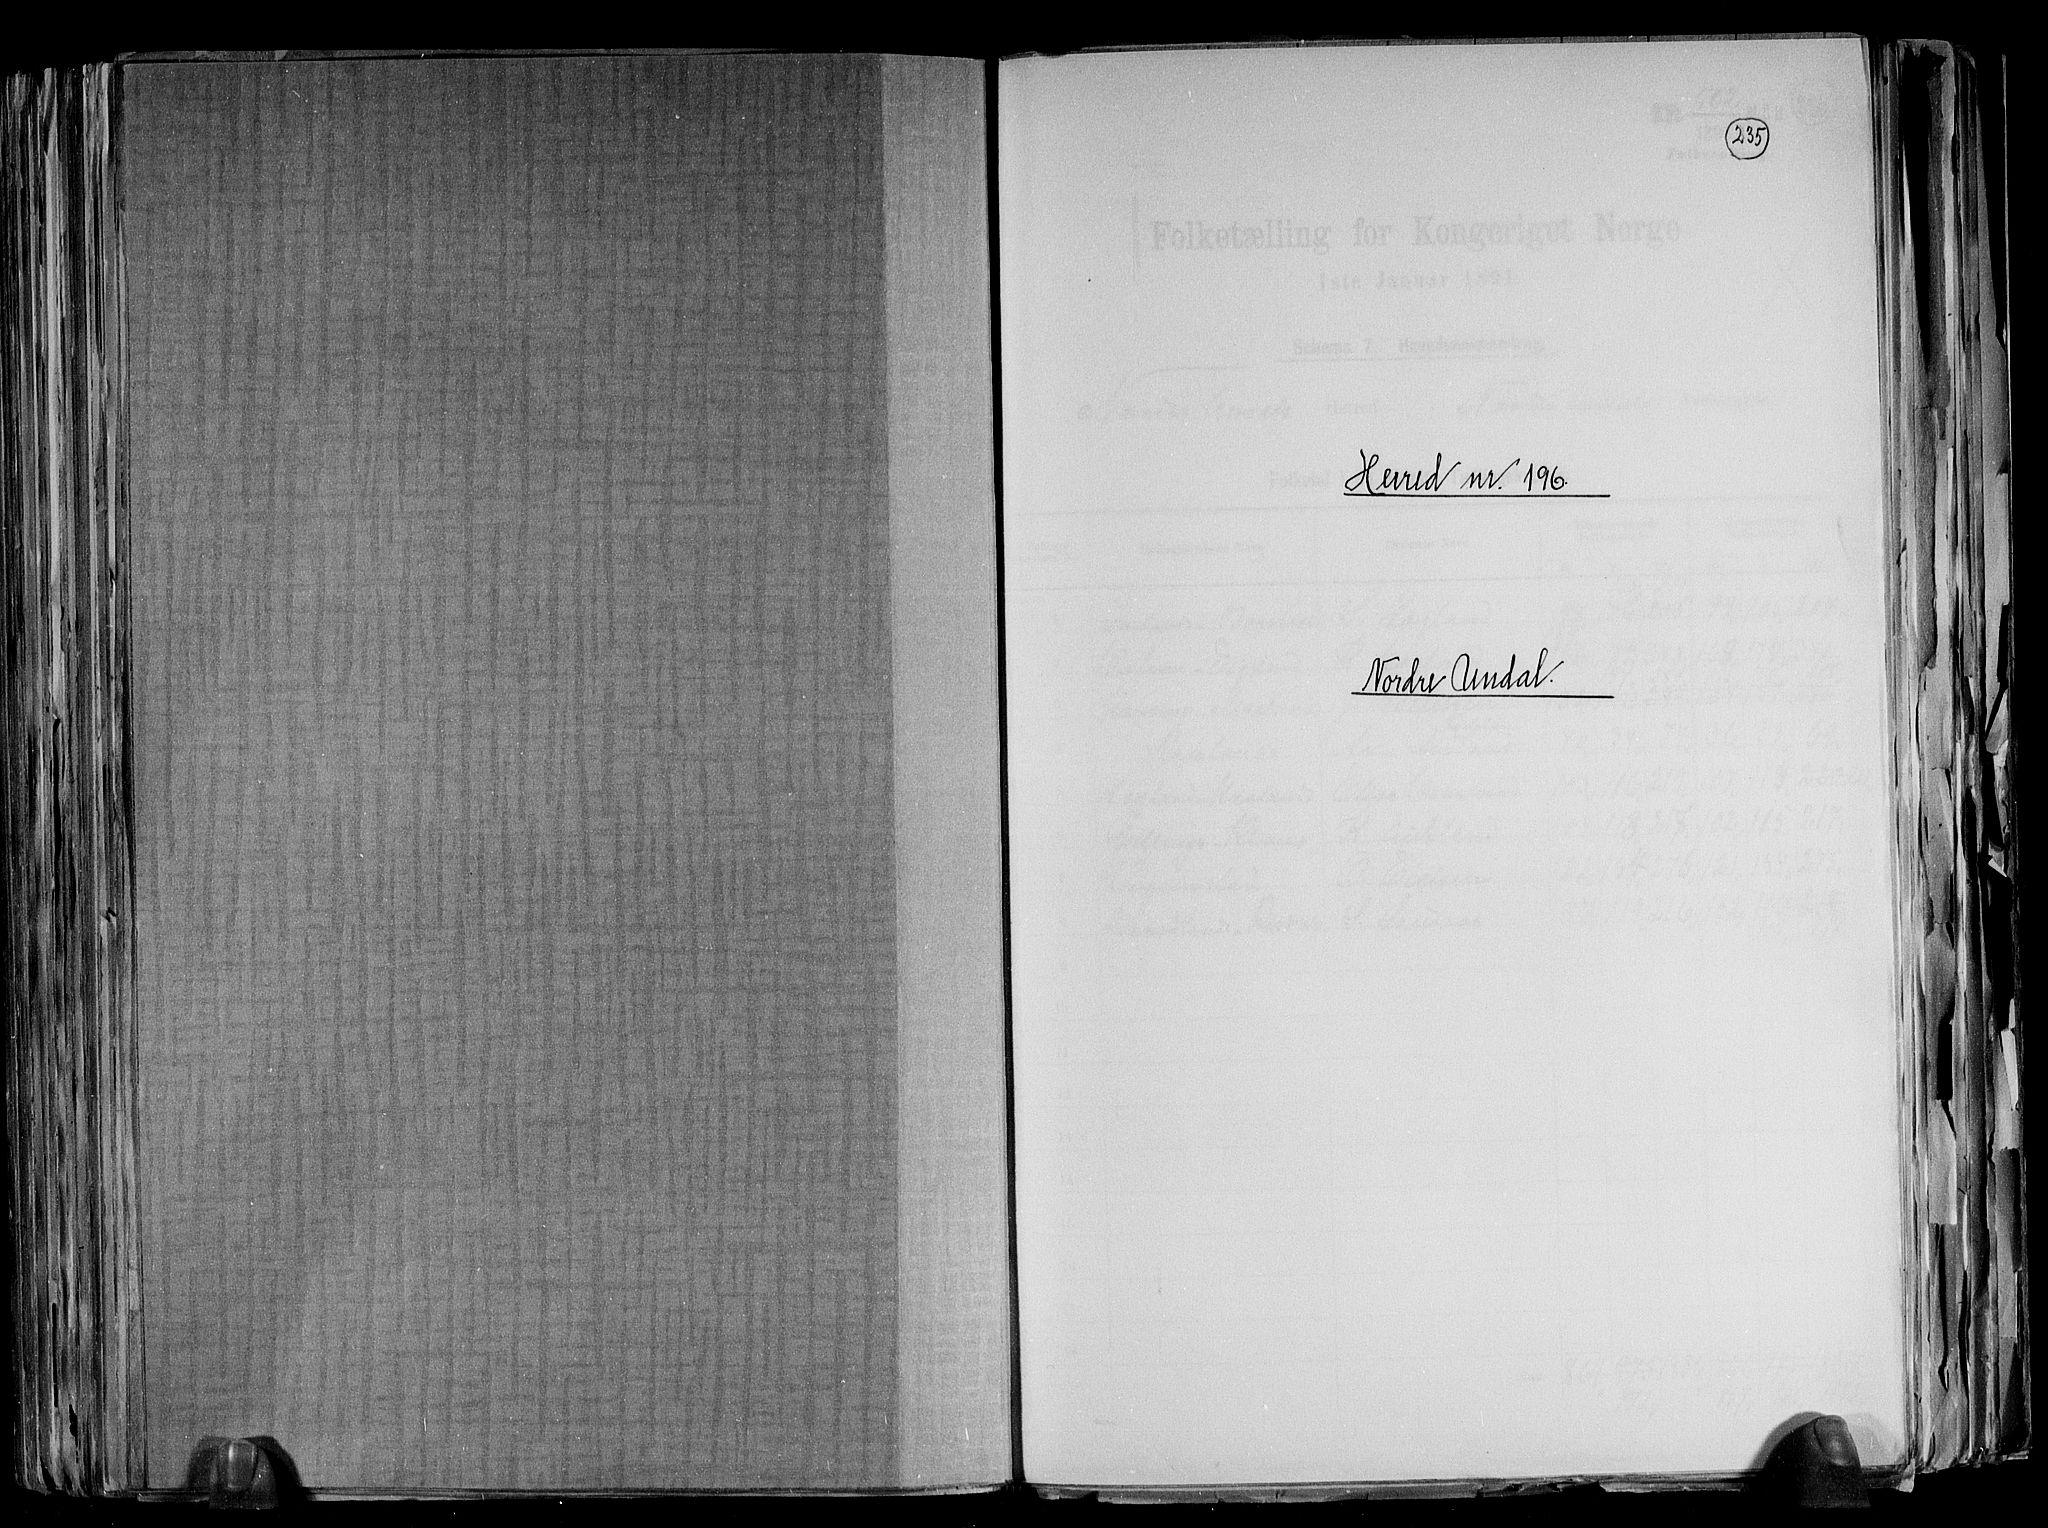 RA, Folketelling 1891 for 1028 Nord-Audnedal herred, 1891, s. 1